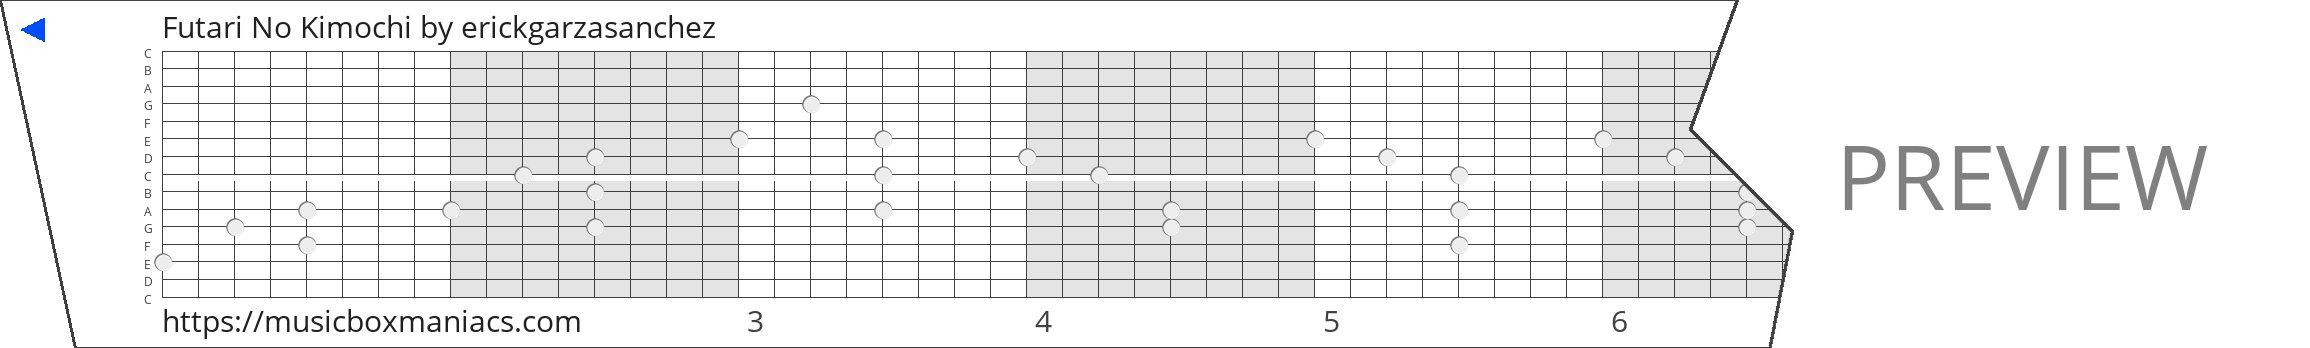 Futari No Kimochi 15 note music box paper strip